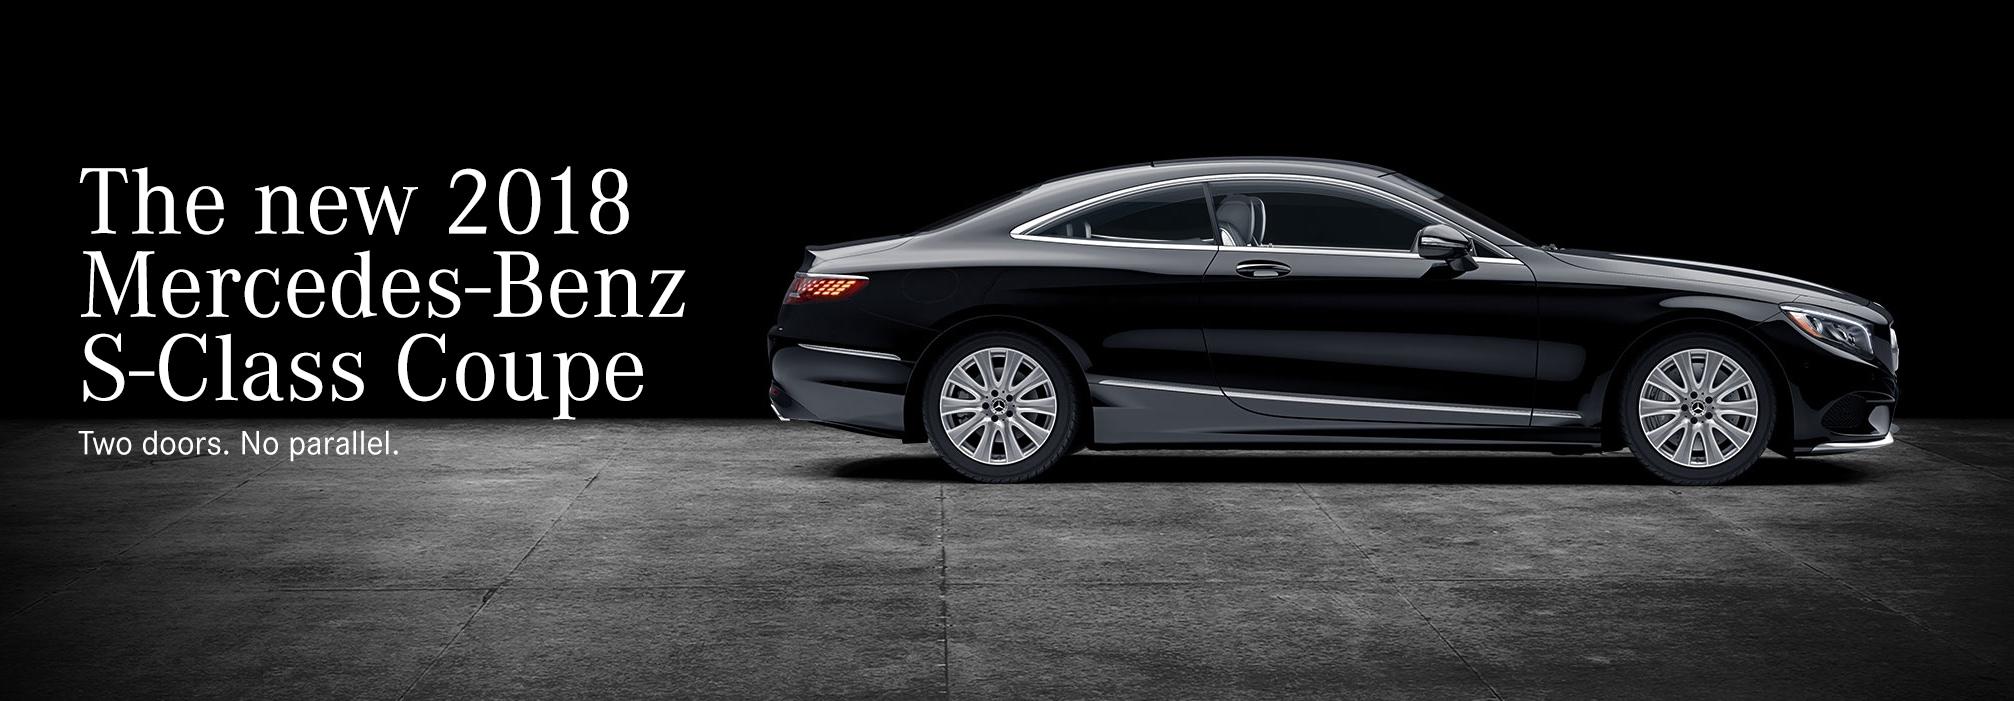 2018 mercedes benz s class coupe mercedes s class coupe for Mercedes benz o fallon mo